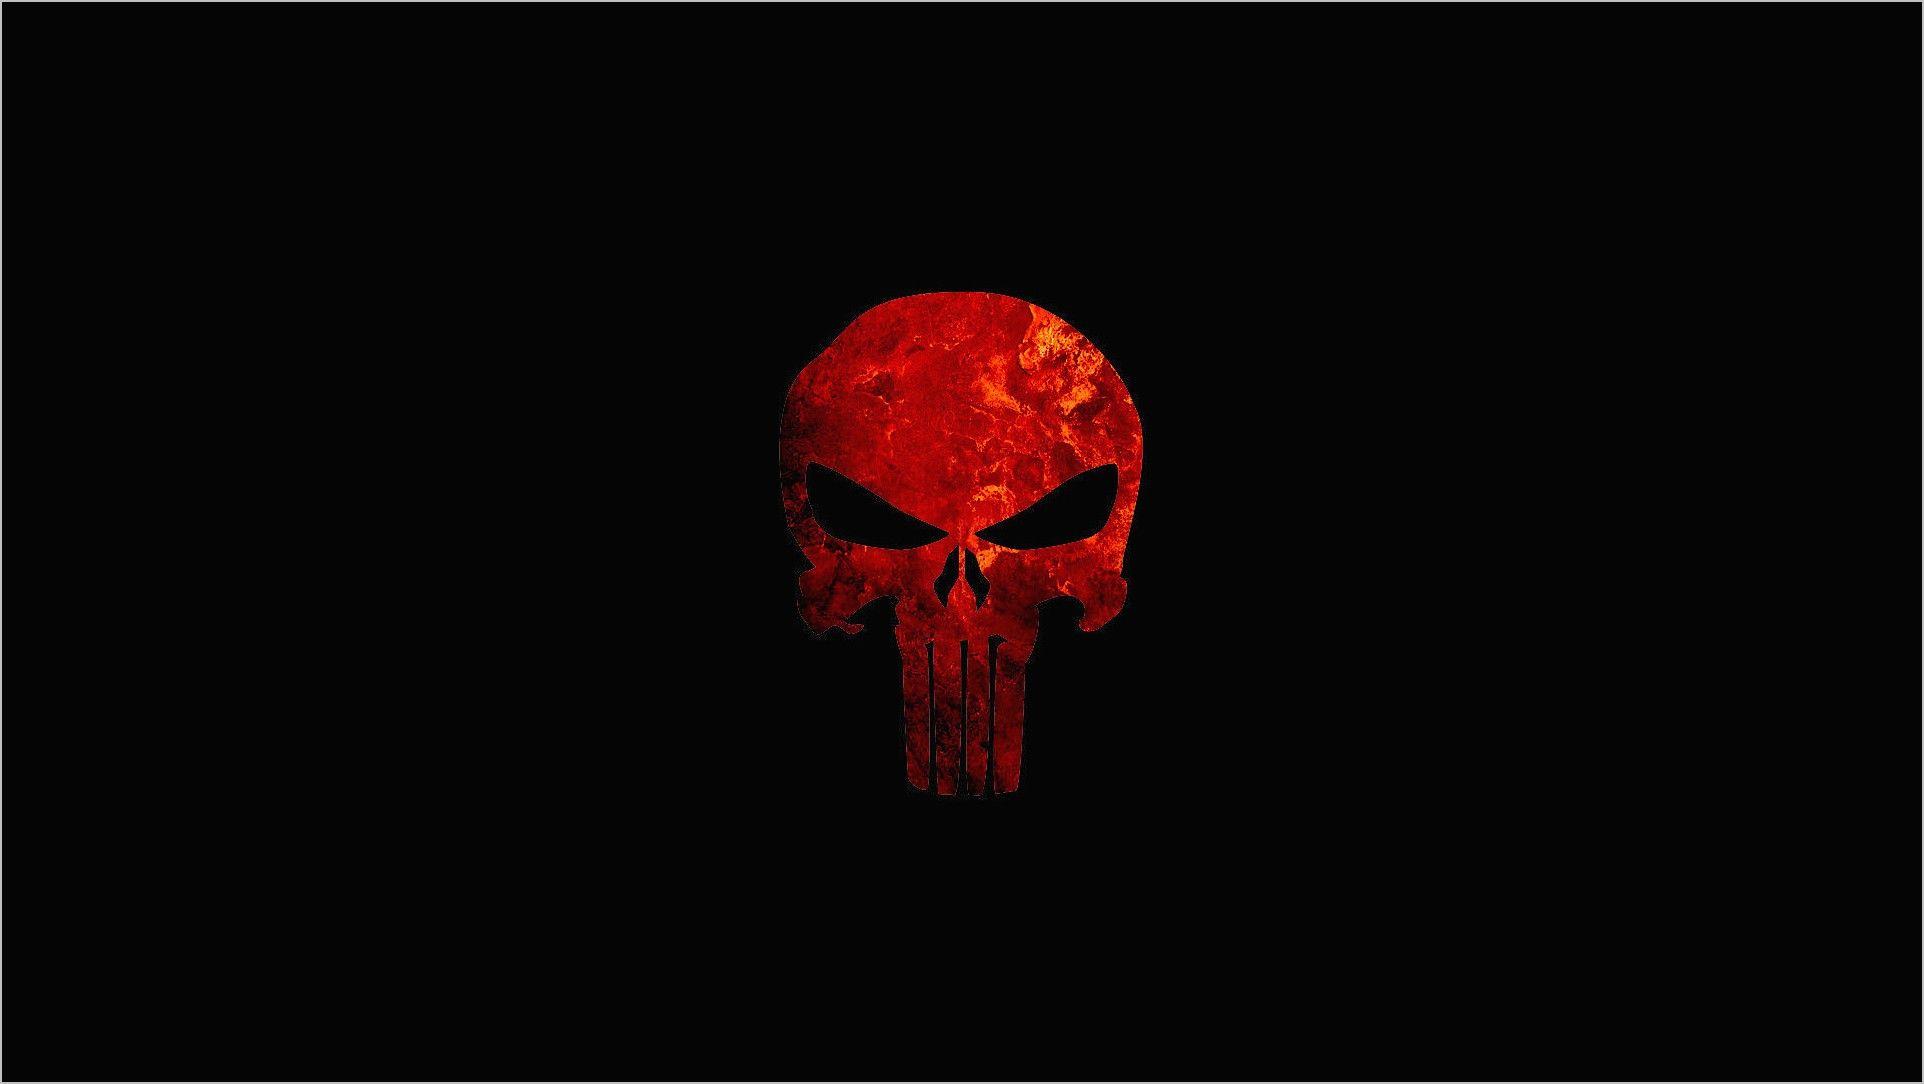 Punisher Skull 4k Wallpaper Skull Wallpaper Punisher Skull Punisher